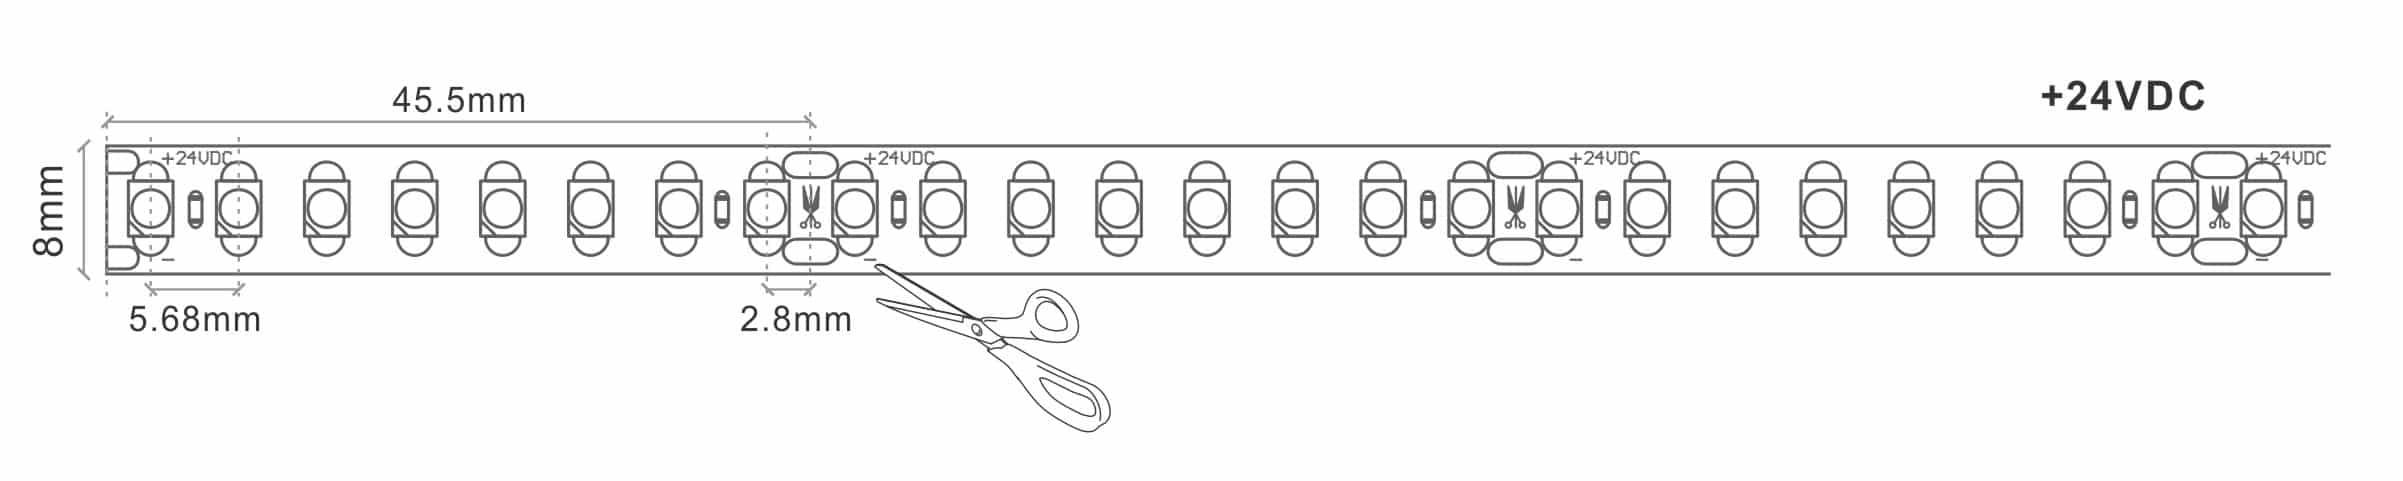 Economy LED Strip Tape Light